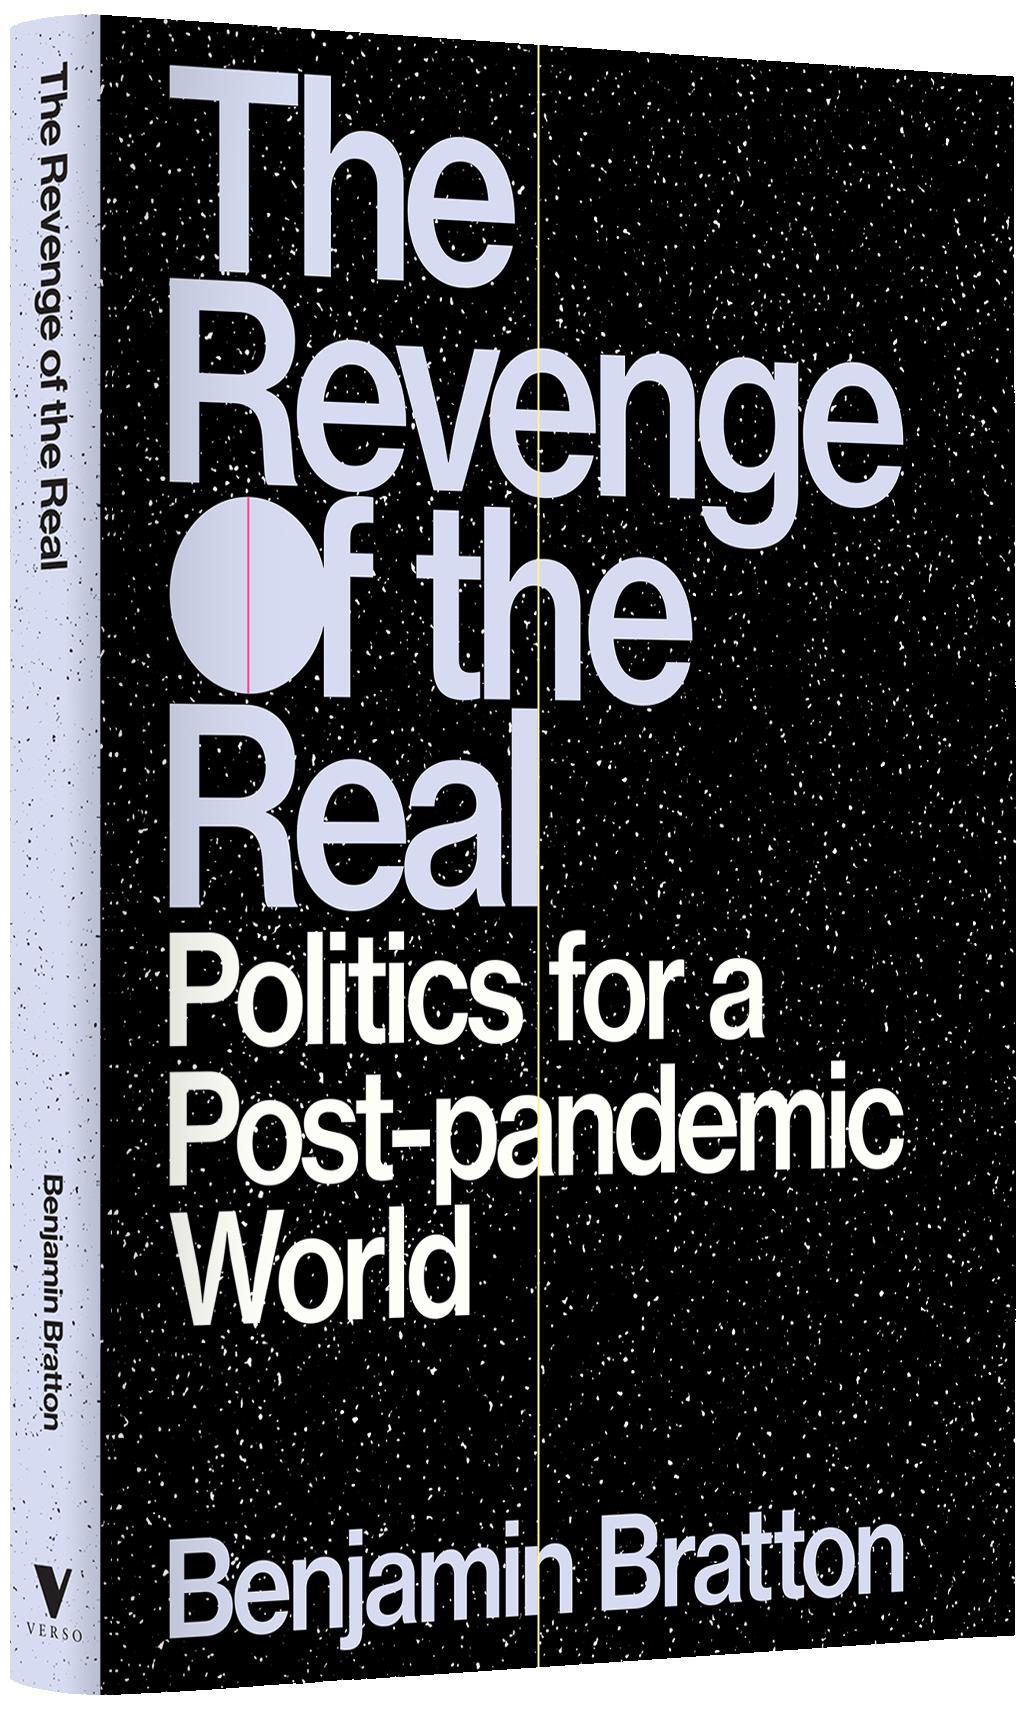 Revenge-of-the-real-hc